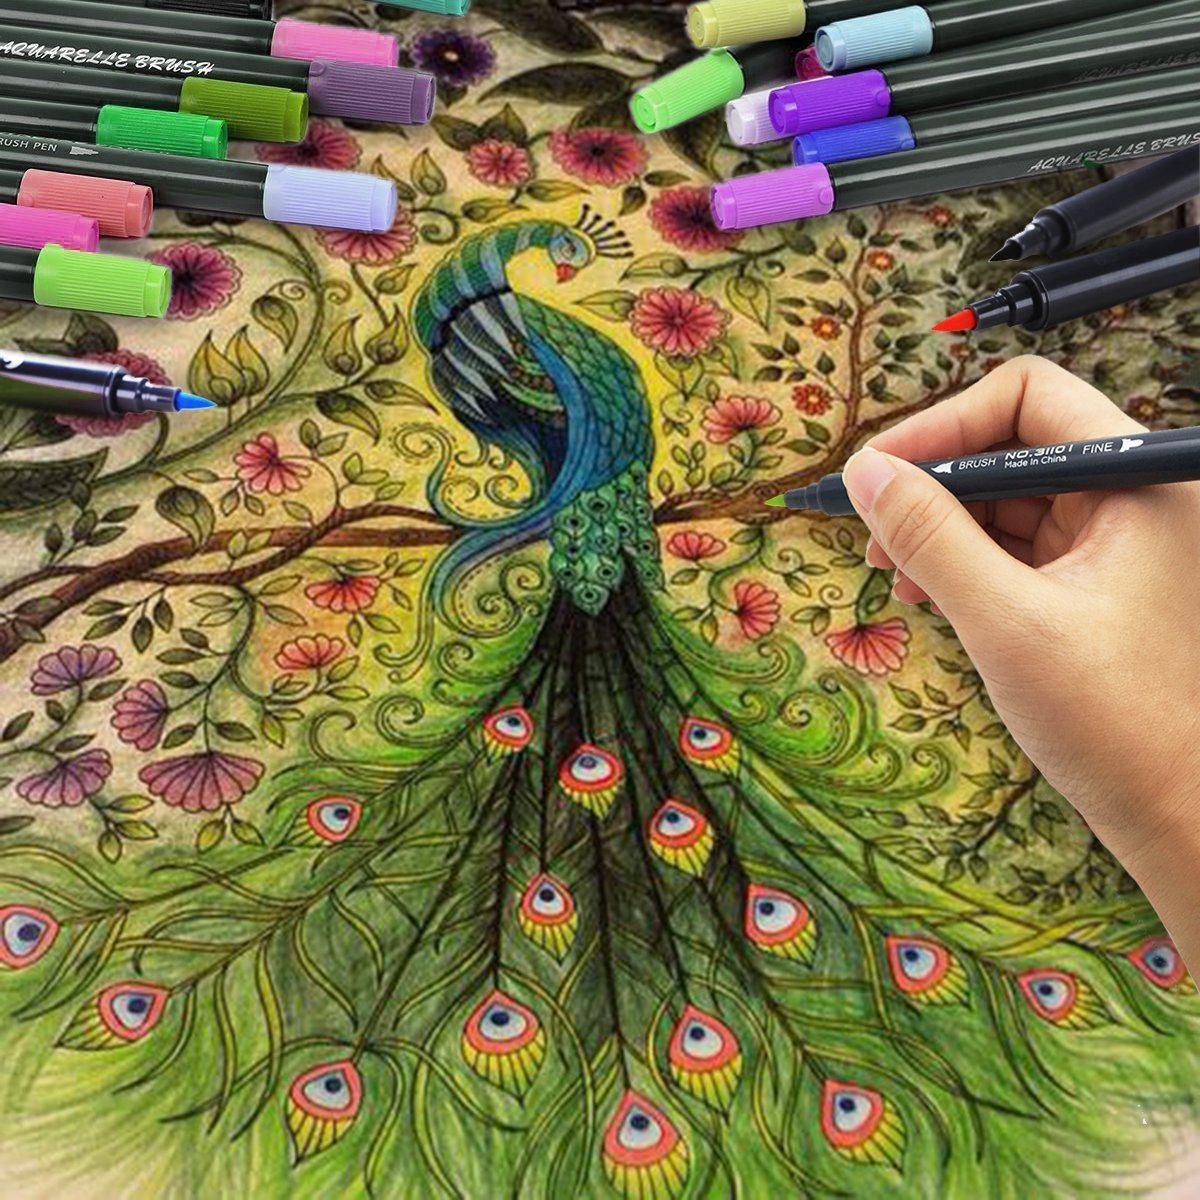 Fantástico Cómo Limpiar Los Cepillos Del Arte Del Uña Composición ...